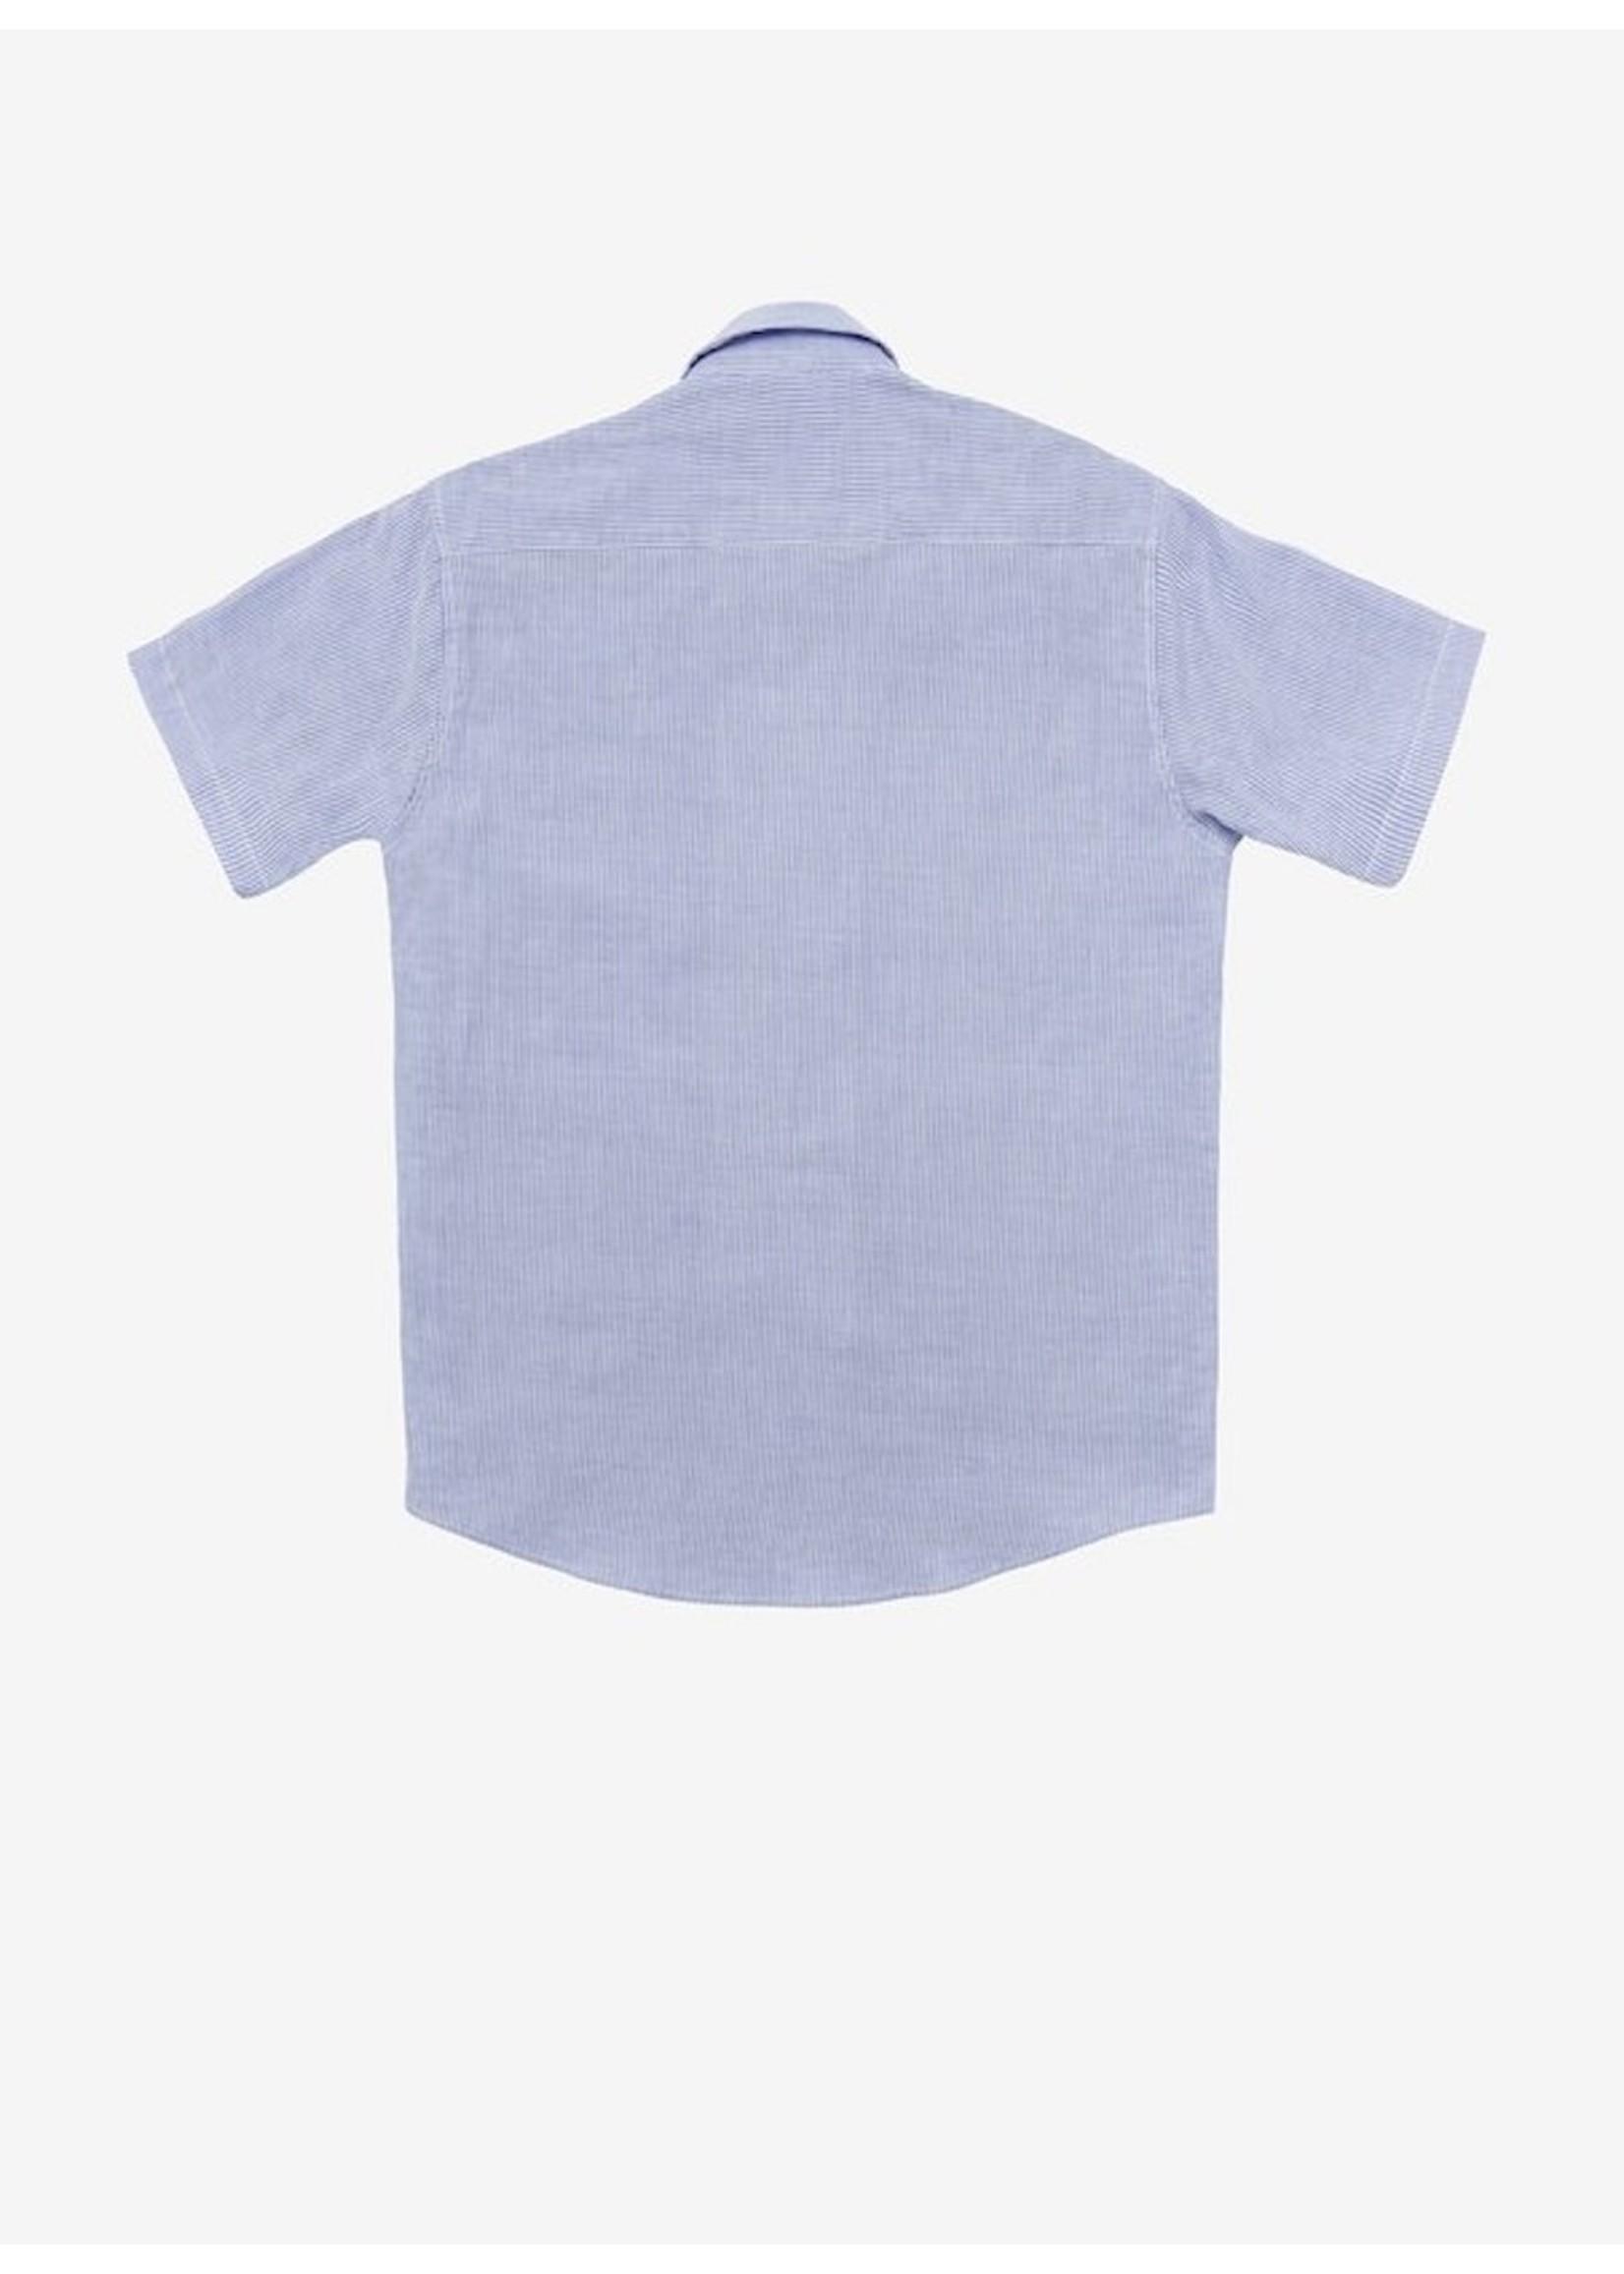 Blluemade Blluemade Noguchi Button Up Shirt